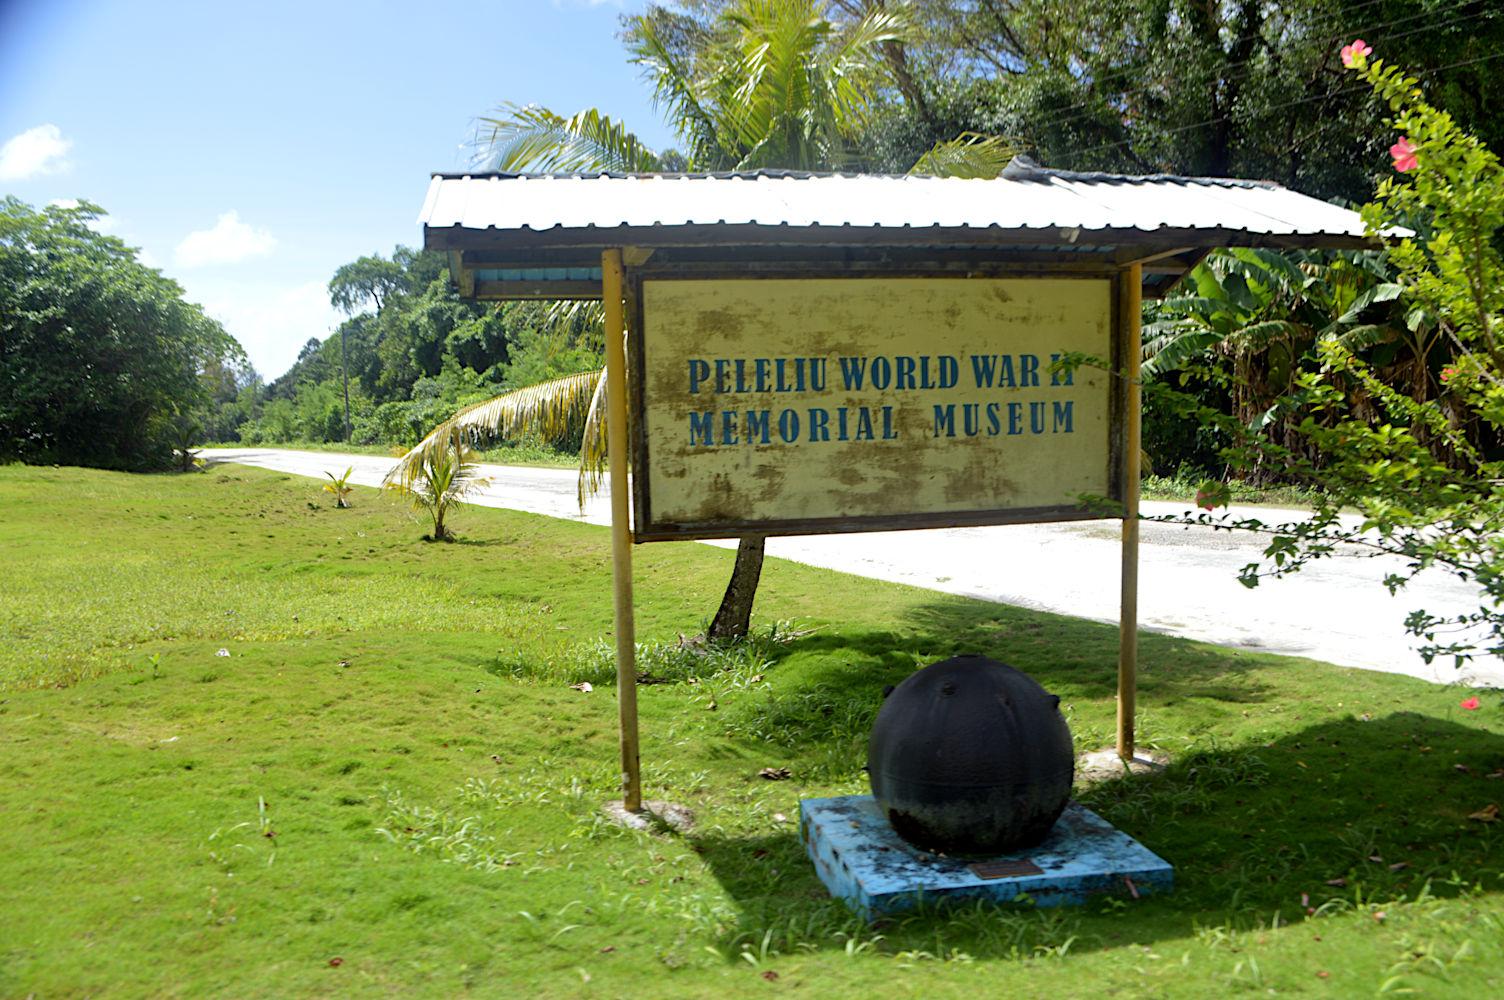 Entrada del Museo de la Segunda Guerra Mundial de Peleliu